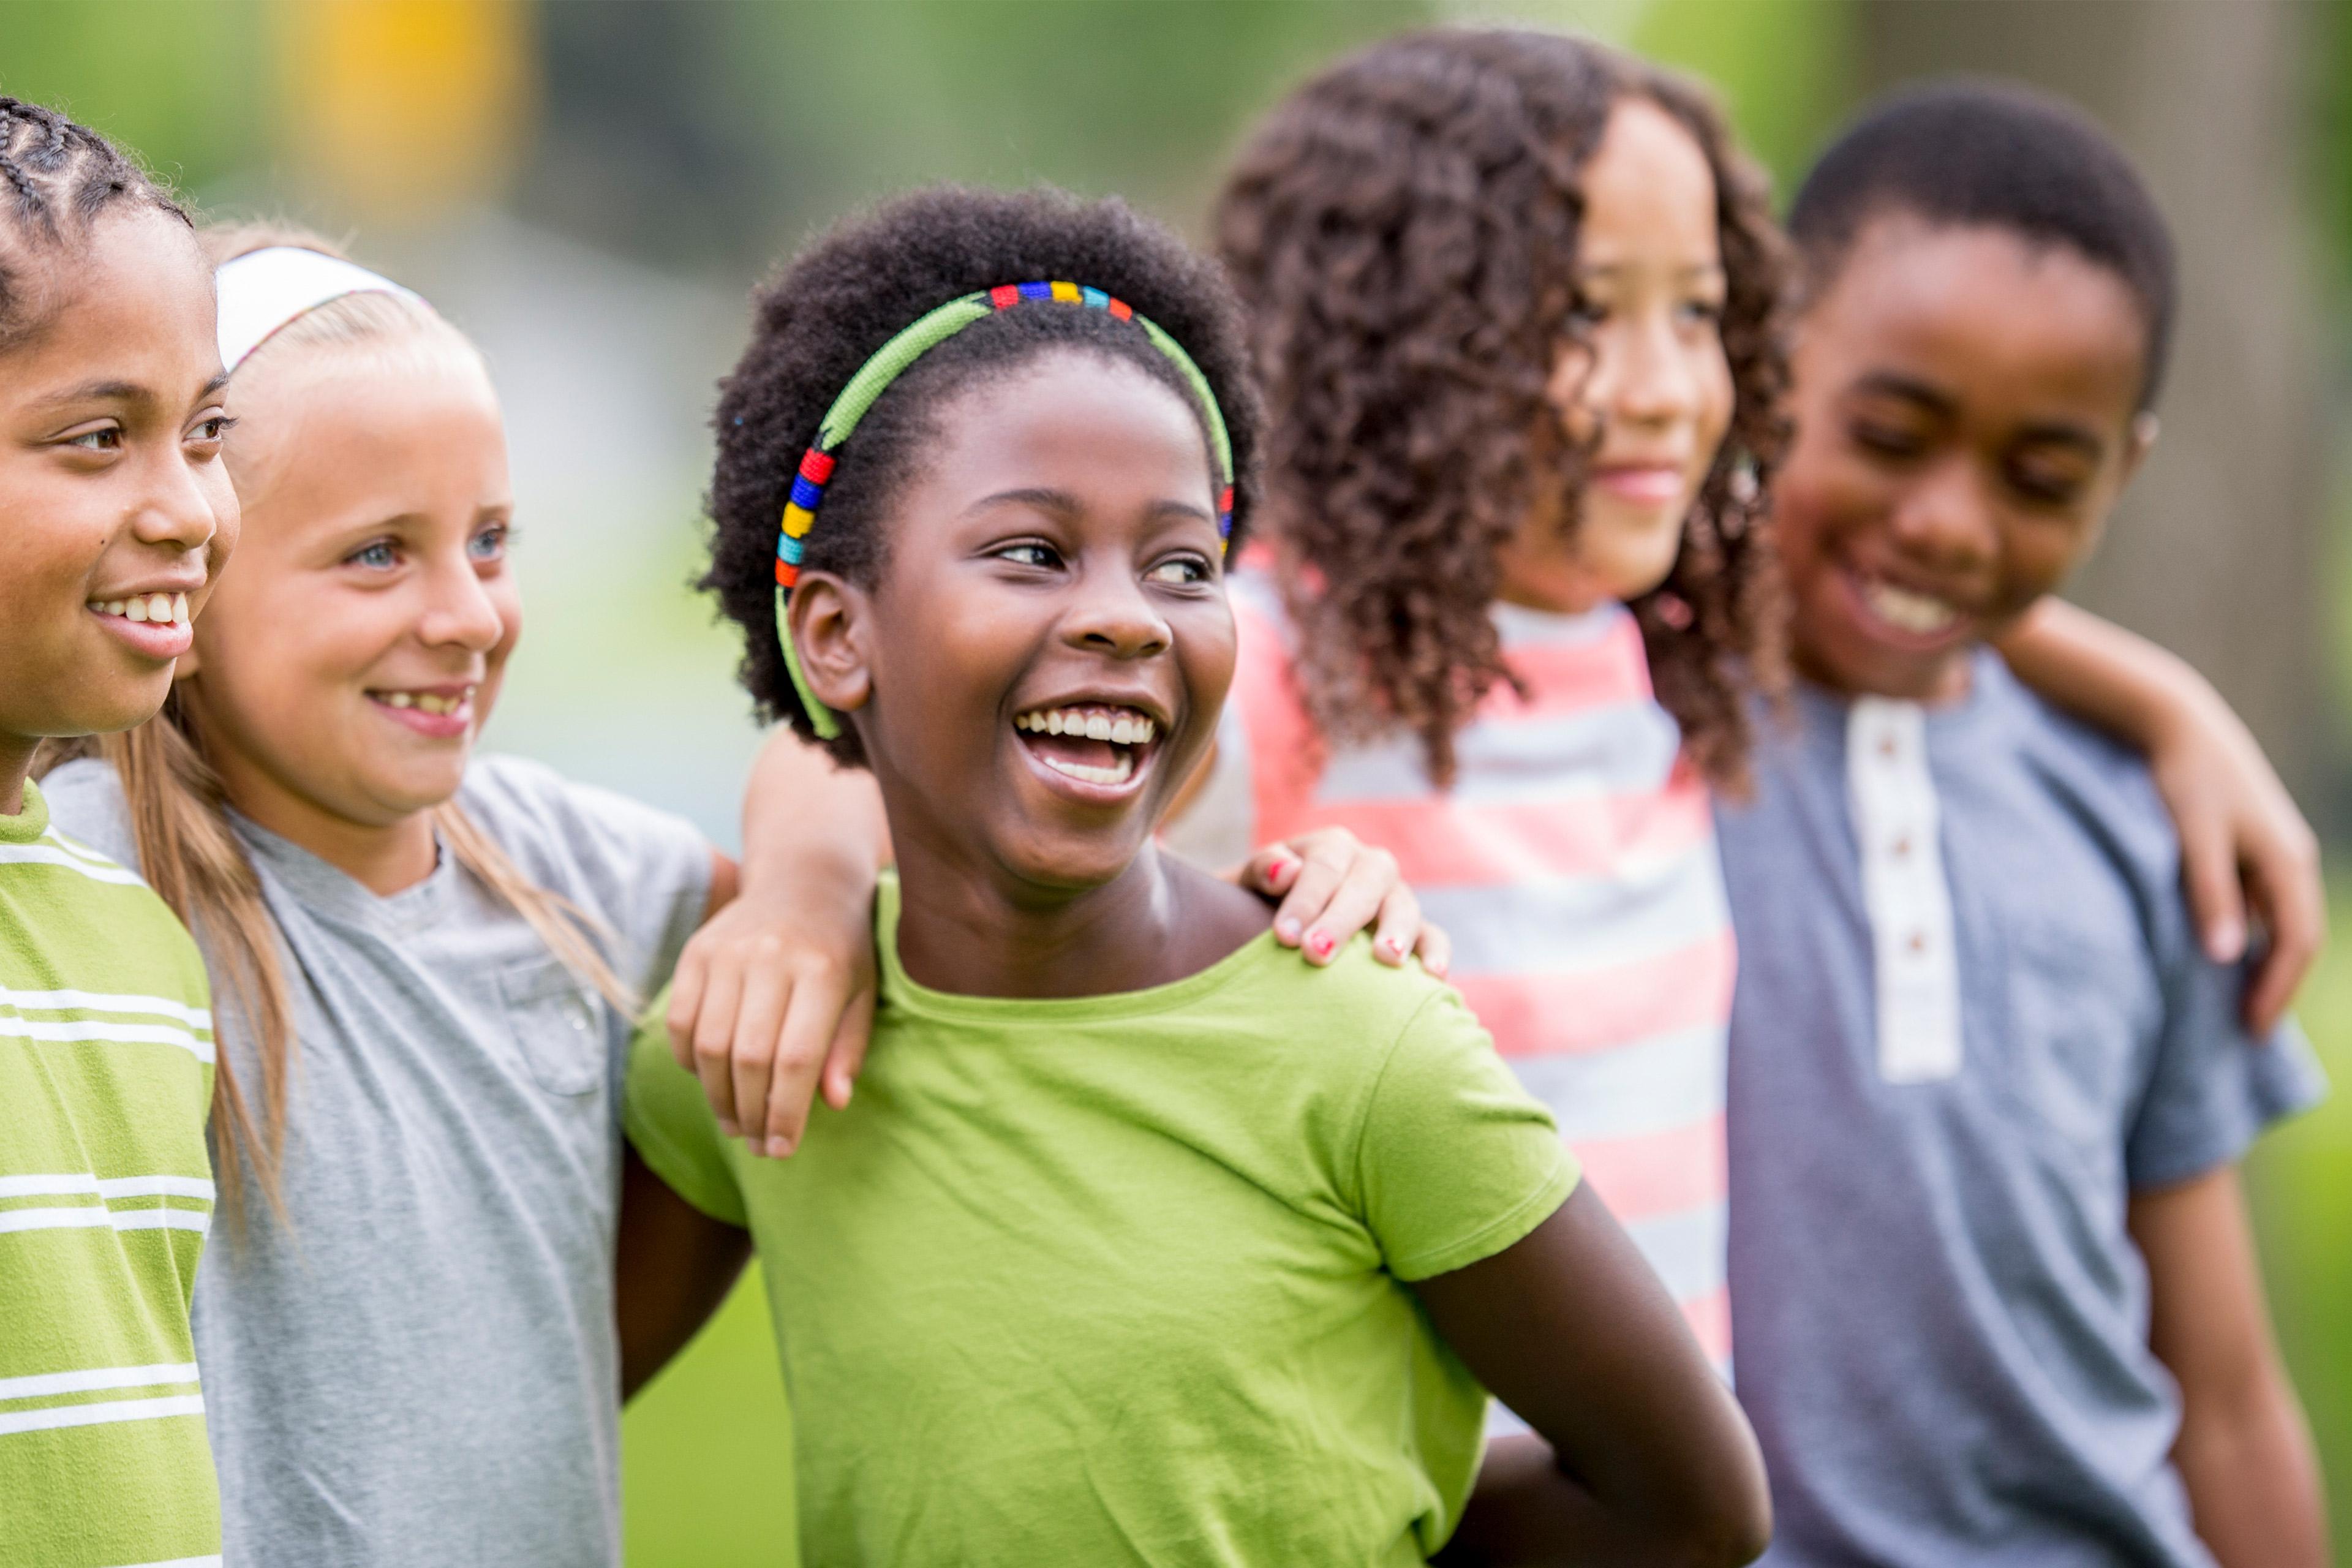 Maatschappij: Kinderen van verschillend ras